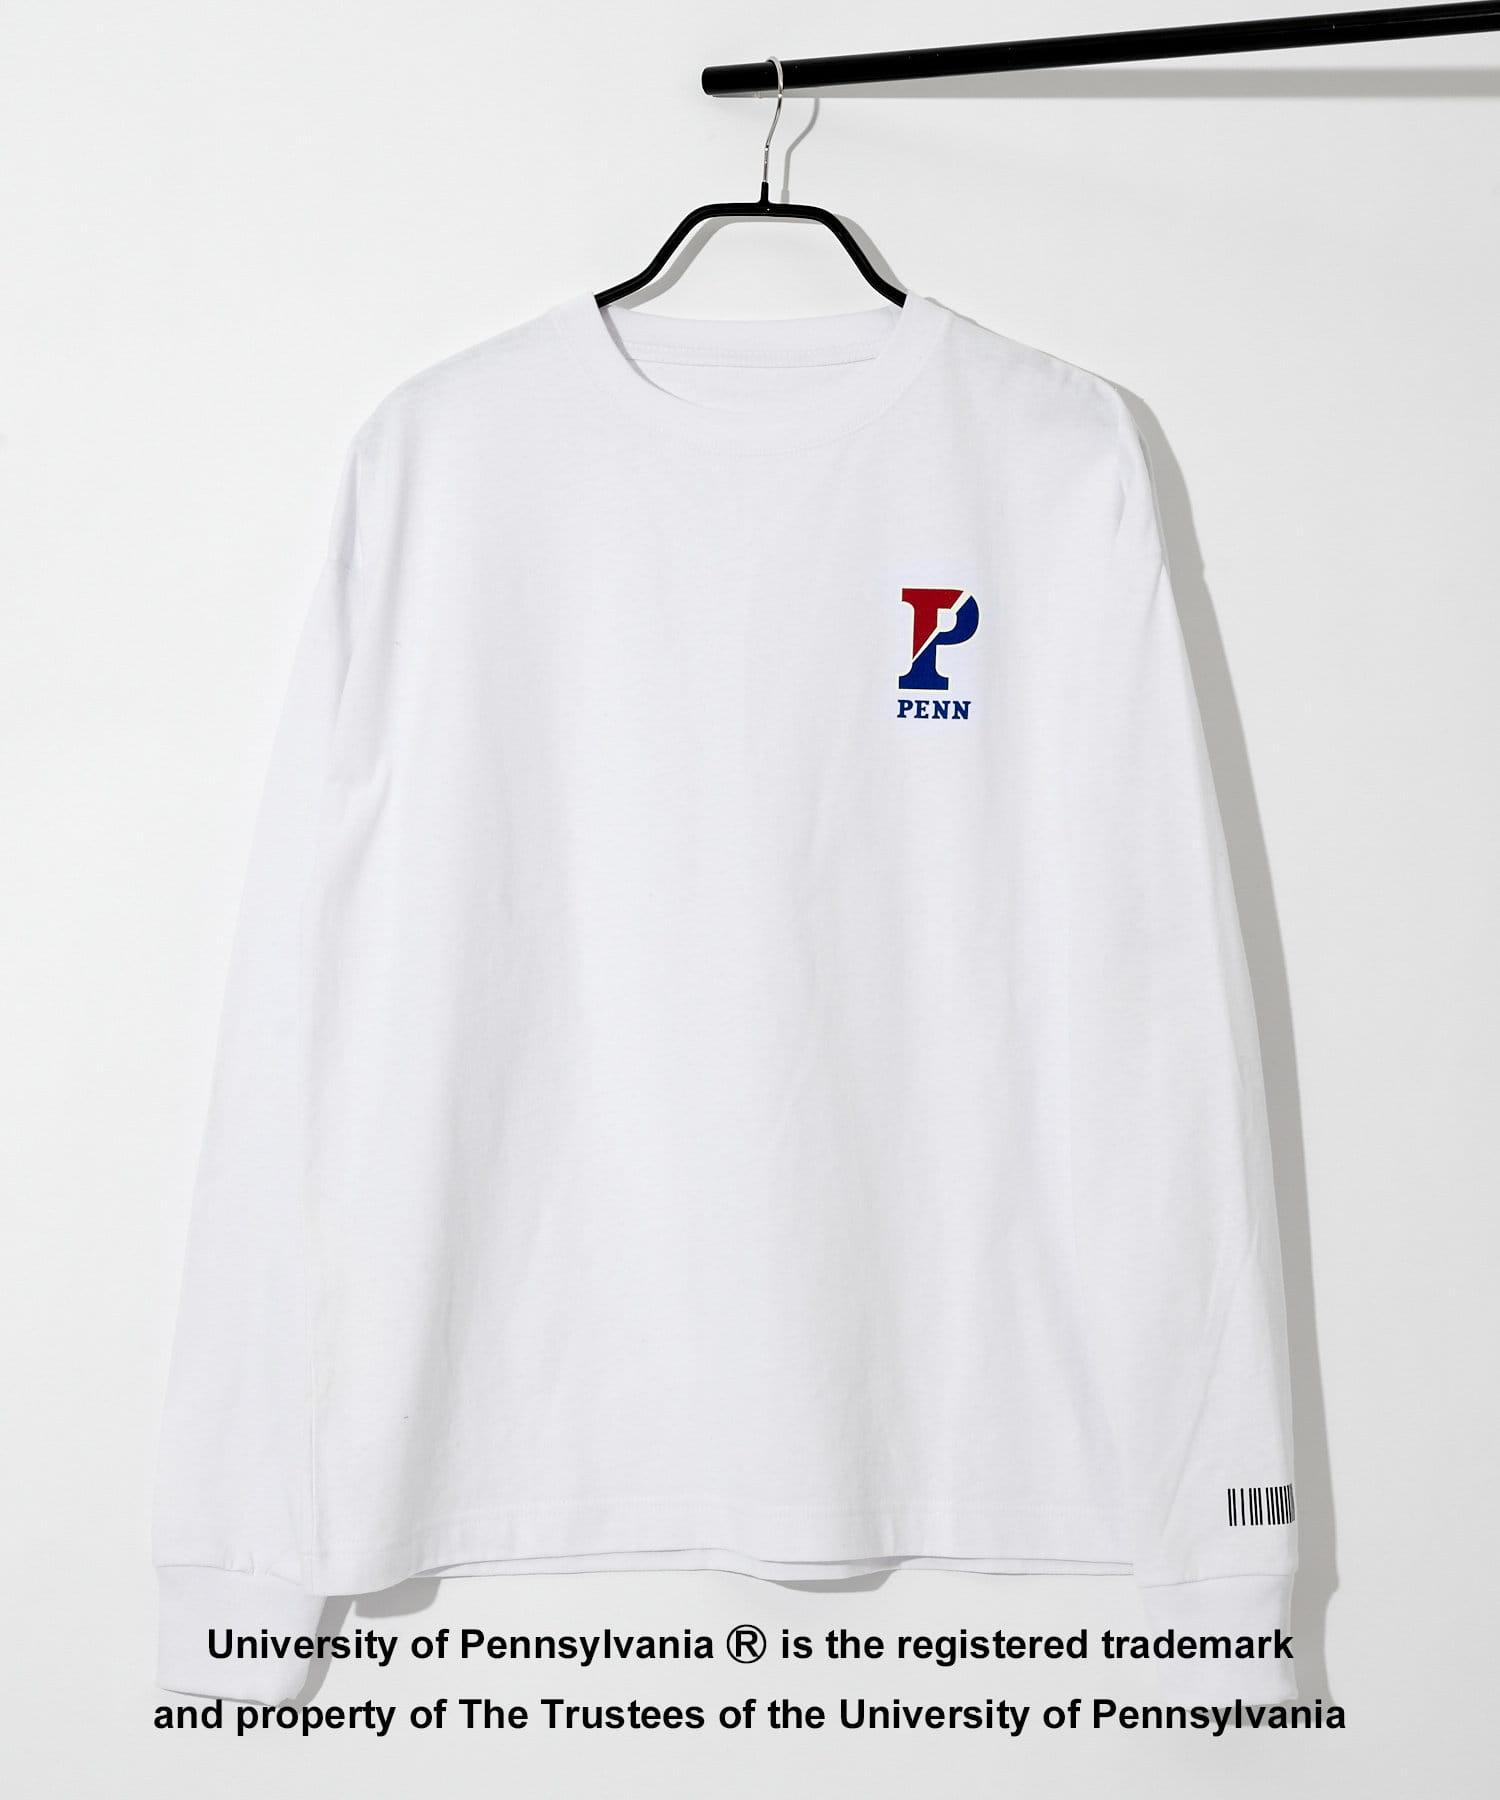 COLONY 2139(コロニー トゥーワンスリーナイン) COLONY 2139(コロニー トゥーワンスリーナイン) カレッジUSAコットン天竺長袖Tシャツ/ロンT (ユニセックス可) ホワイトその他2